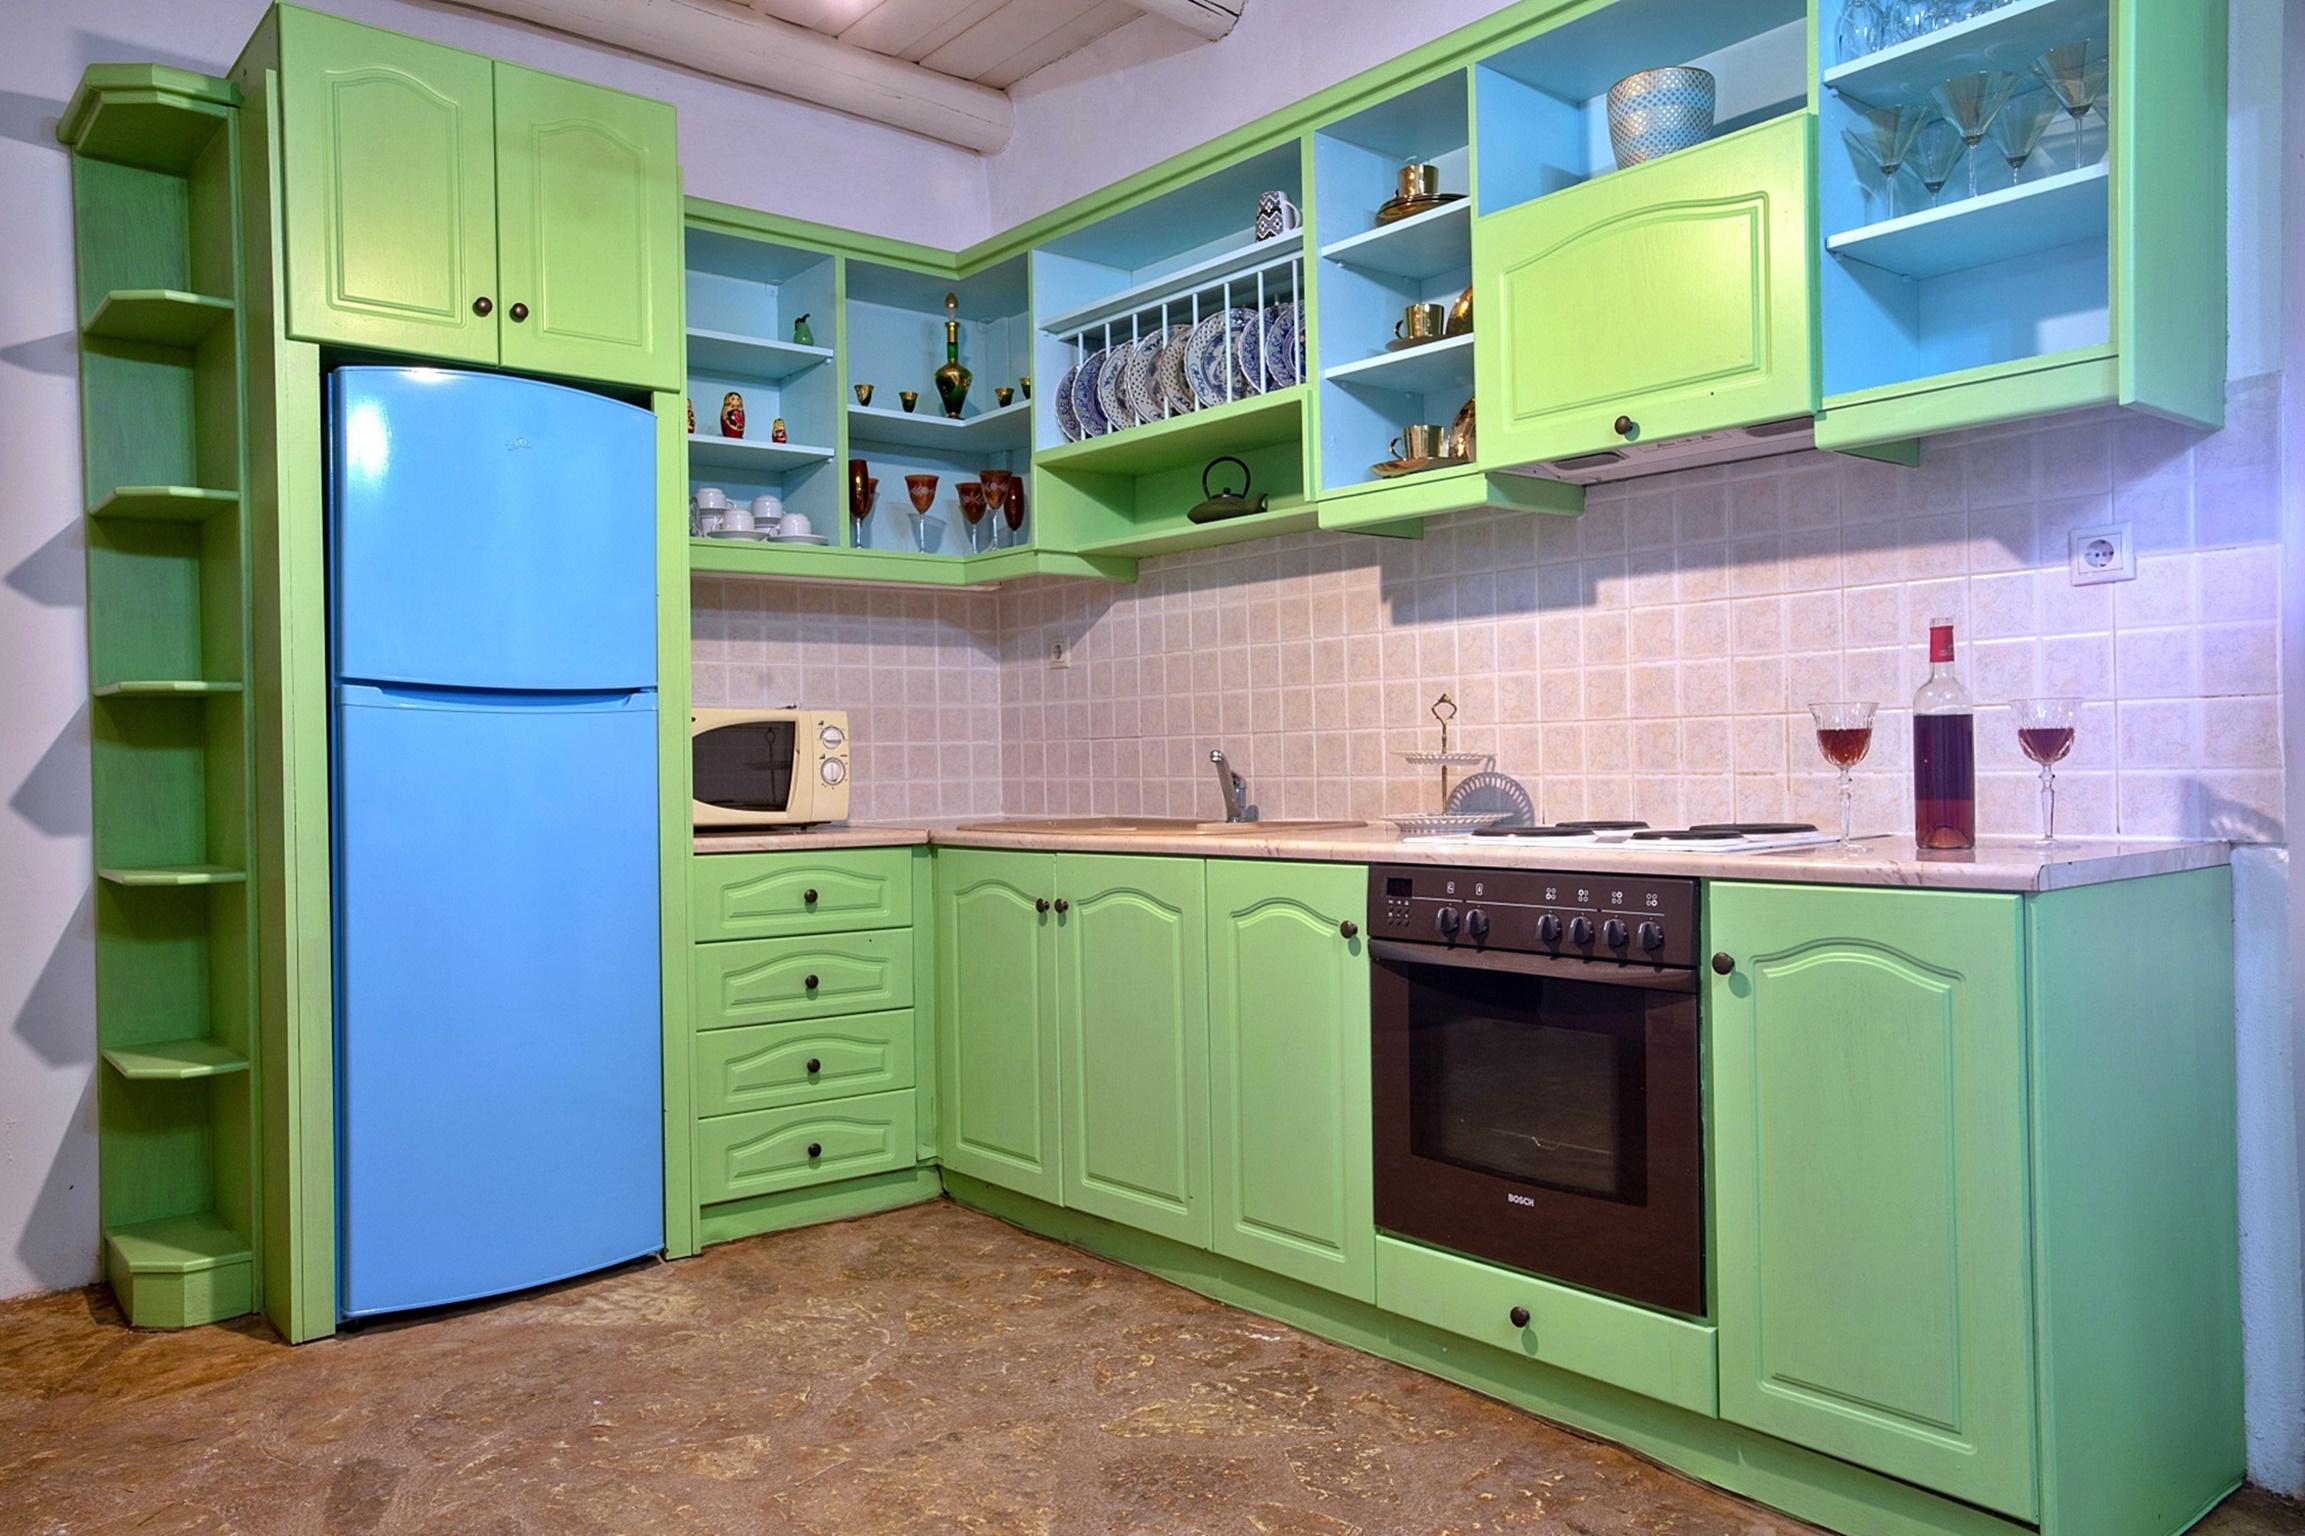 Ferienhaus Haus und Studio annektiert - Ideal groe Familien - kleines Dorf, nahe Strnde (2598996), Neon Khorion Kriti, Kreta Nordküste, Kreta, Griechenland, Bild 9